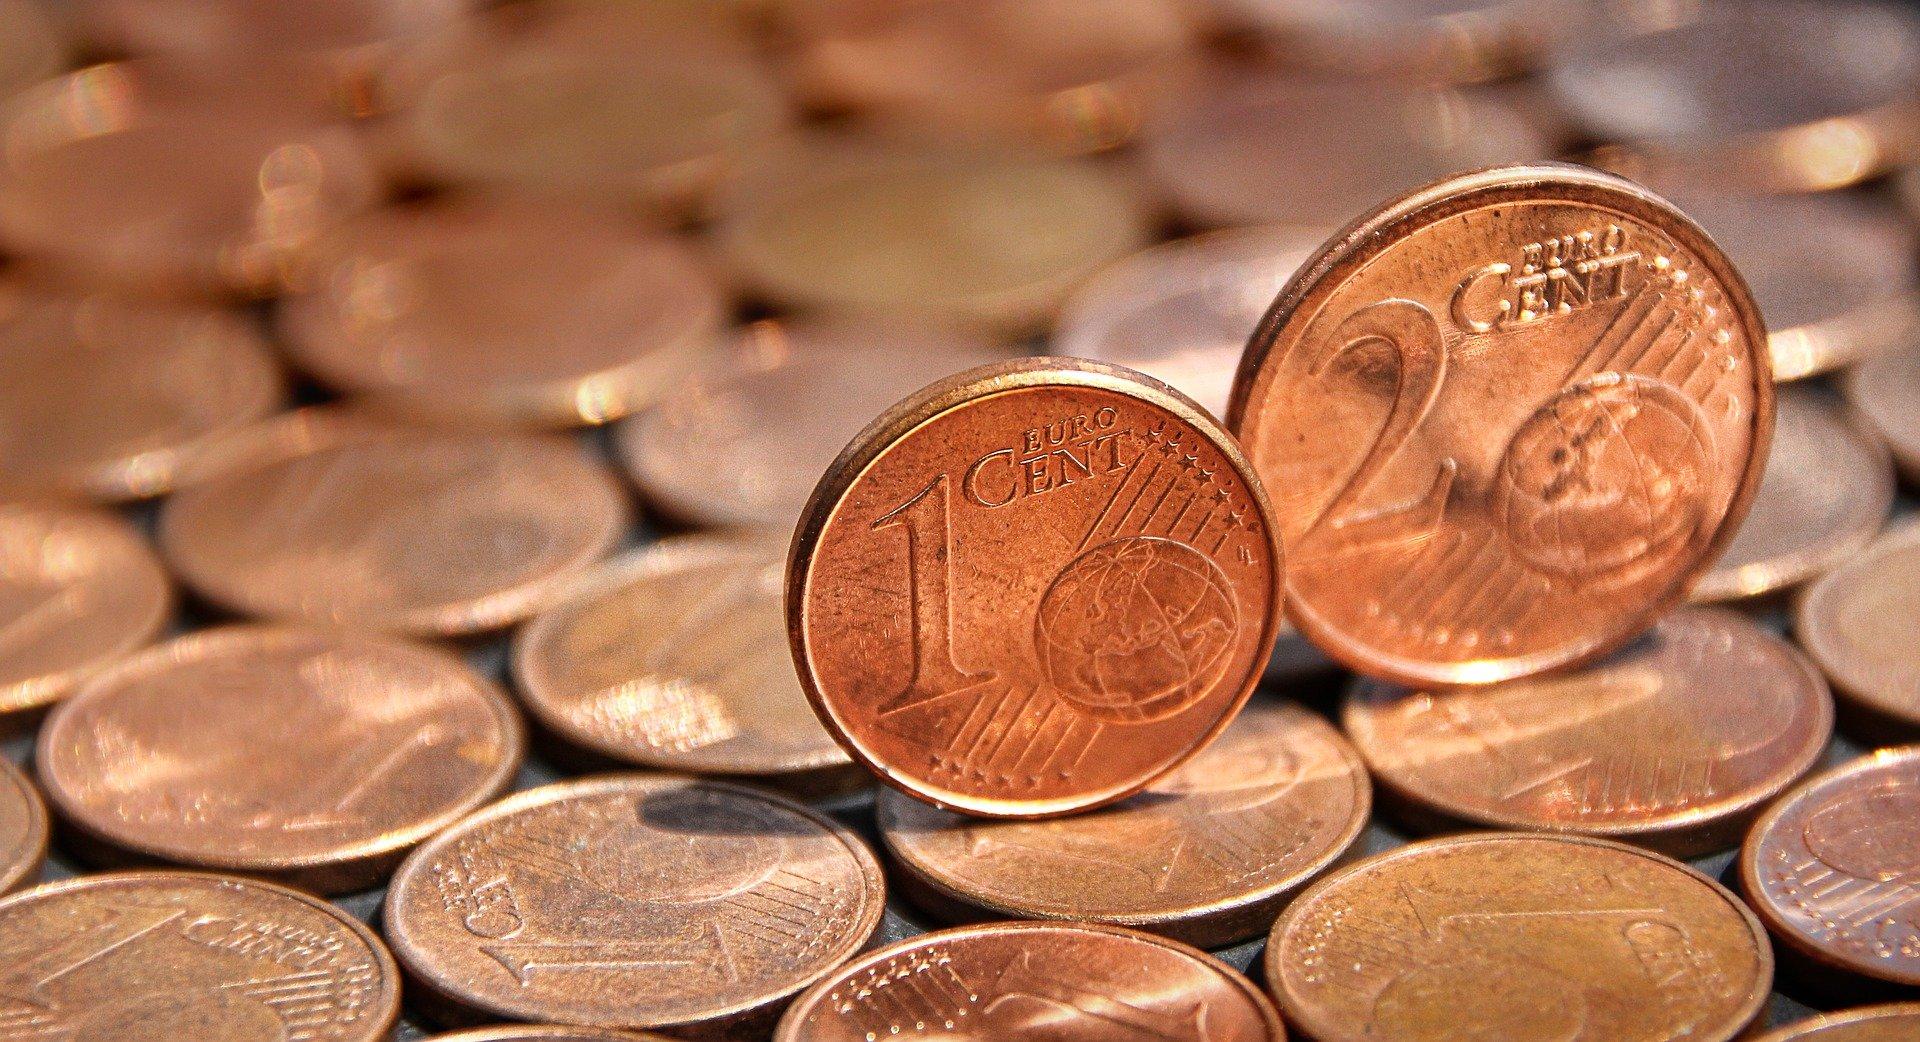 Sondage :Faut-il supprimer les pièces de 1 et 2 centimes?